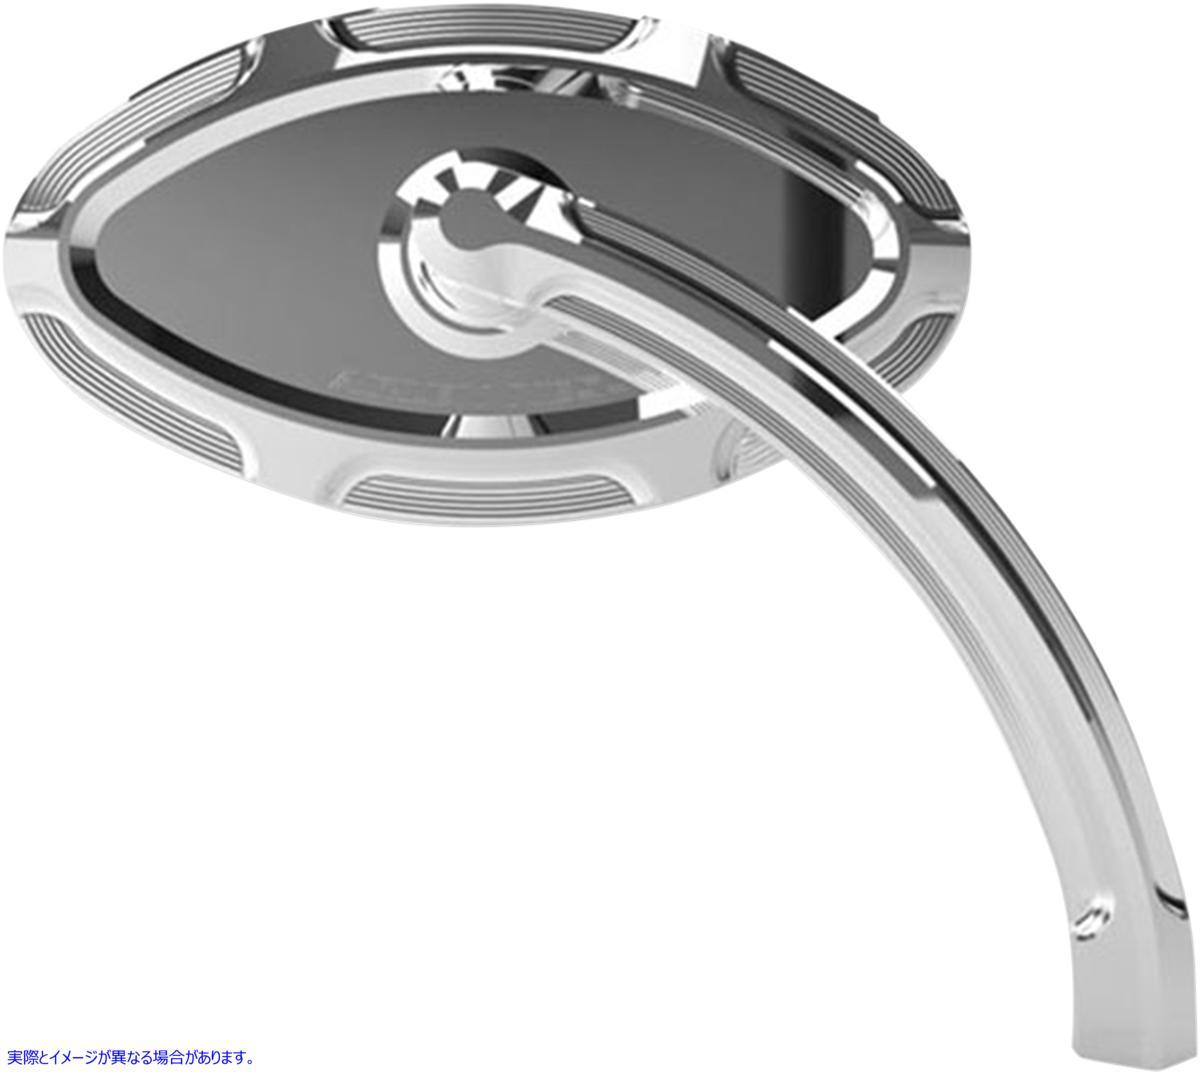 【取寄せ】 アレンネス 13-131 ARLEN NESS Cats Eye Forged Billet Mirror - Chrome - Left ミラー BVLD CAT LF クローム SH 06400756 ( 0